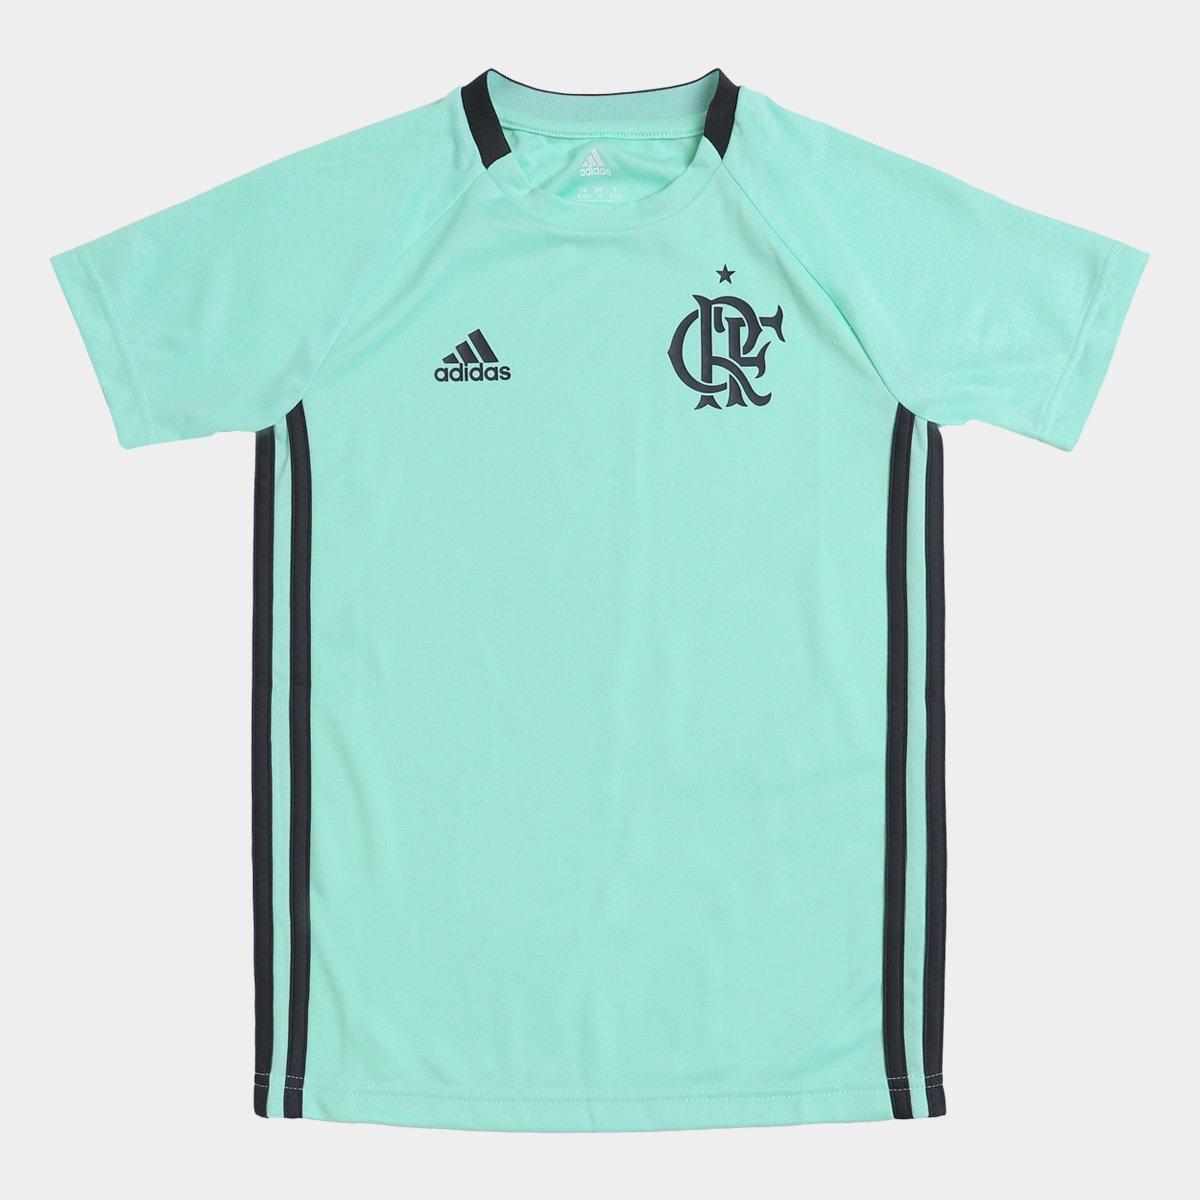 f57584a6b18d0 Camisa Flamengo Infantil 17 18 Treino Copa - Torcedor Adidas - Compre Agora